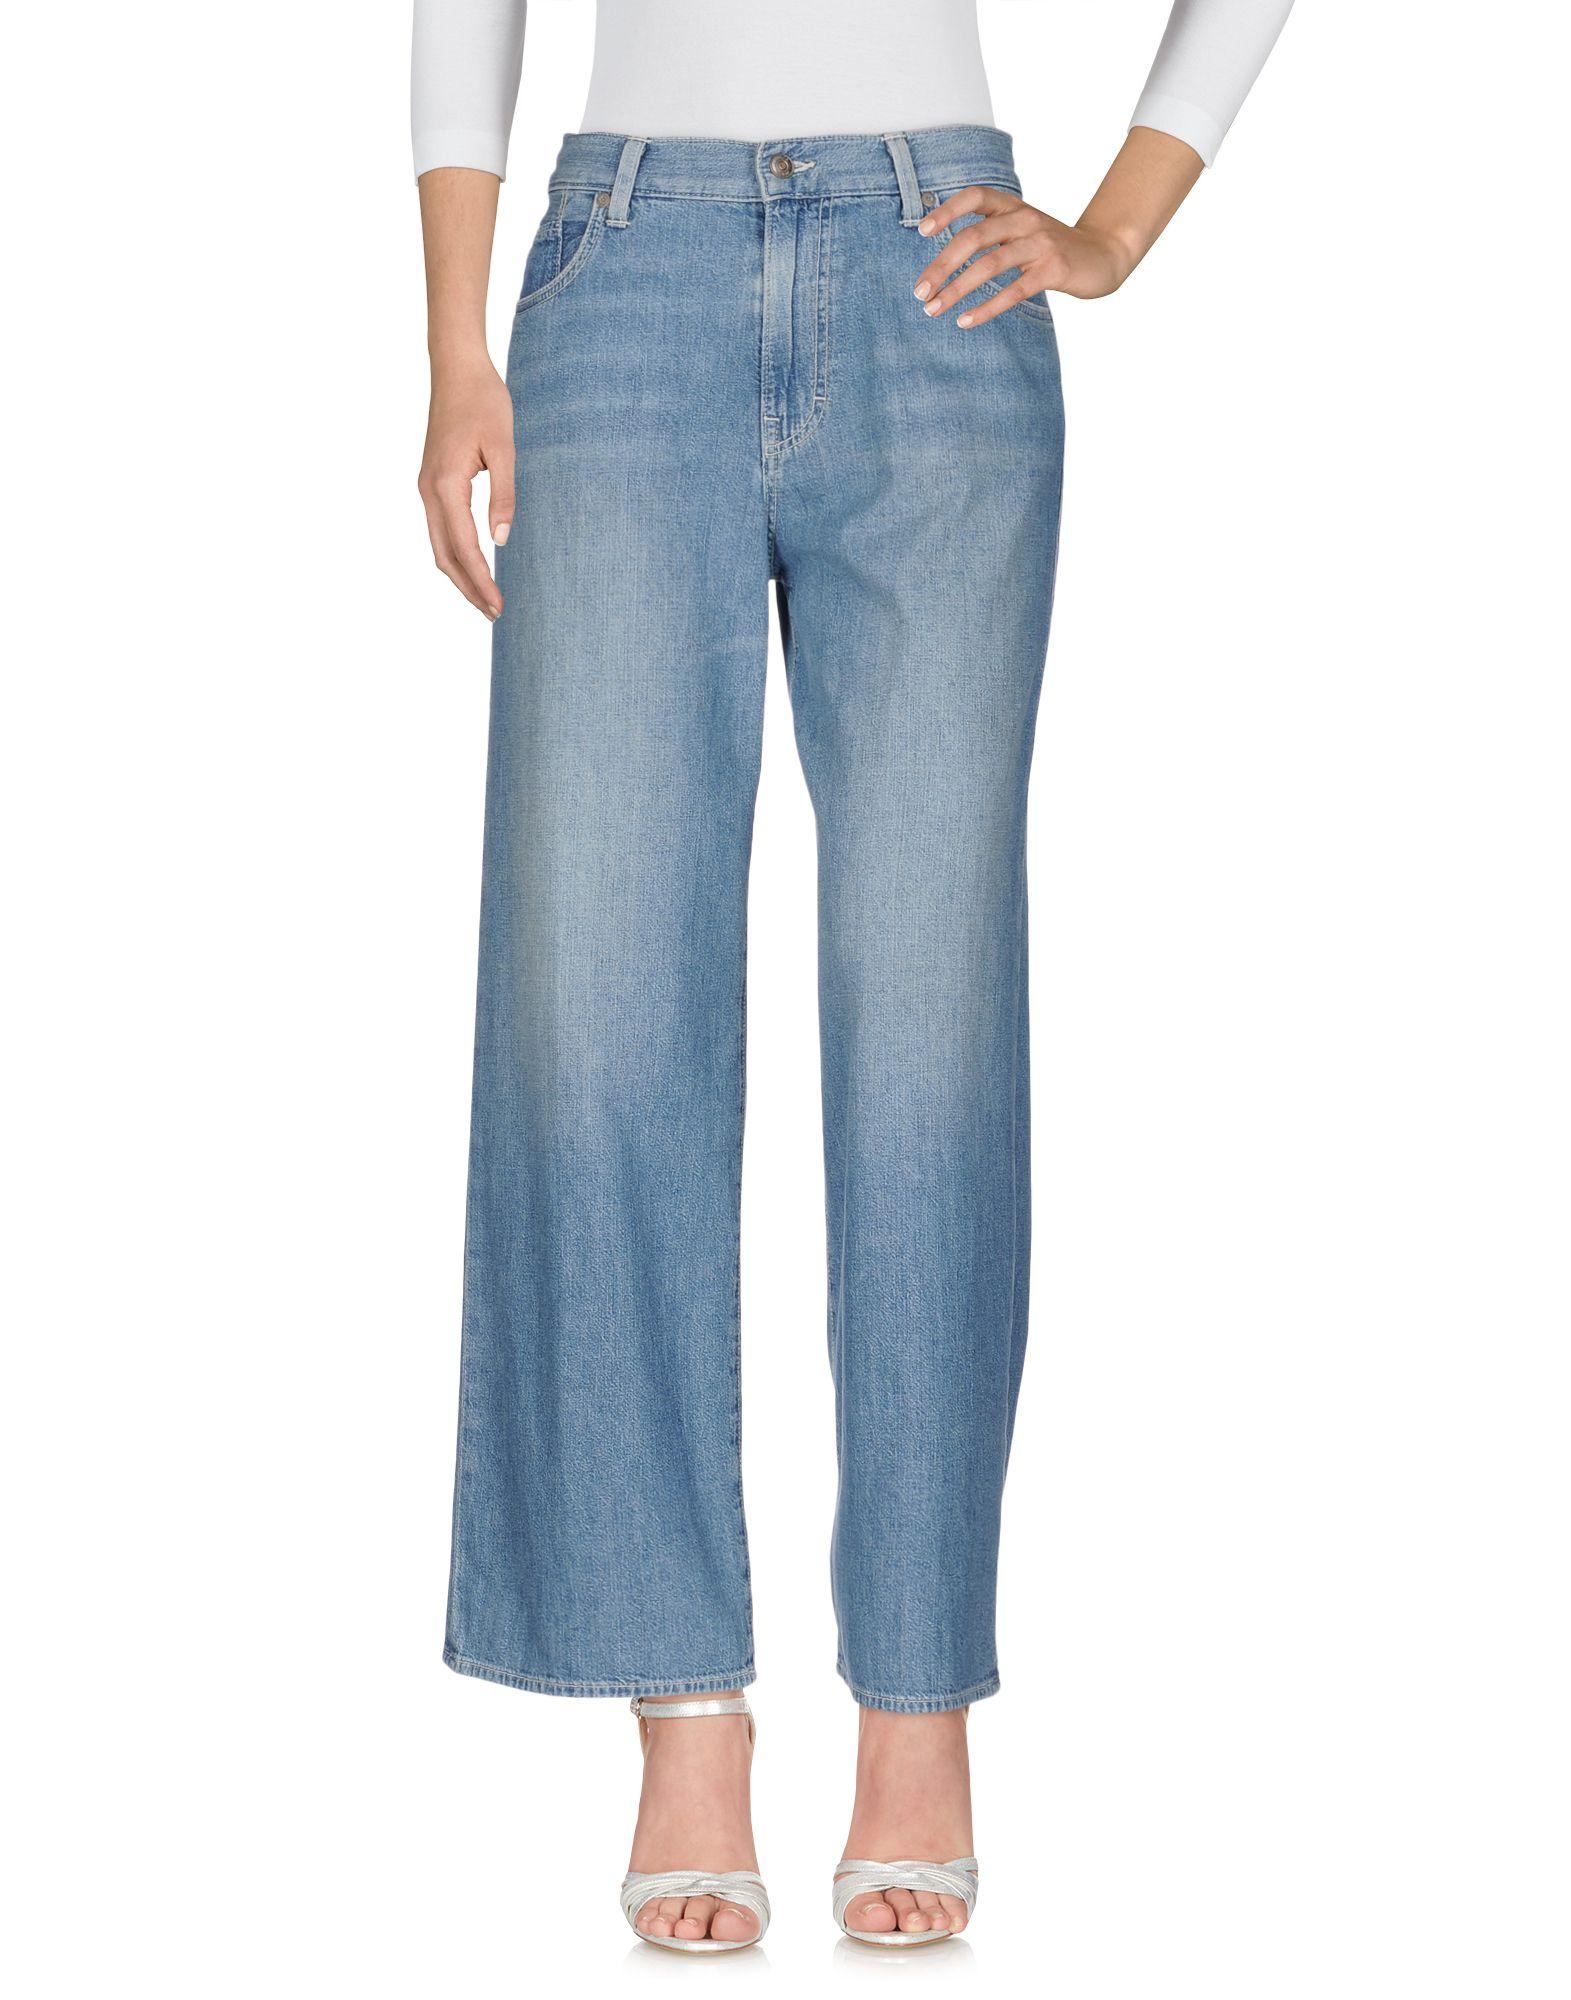 VINCE. Джинсовые брюки женские брюки лэйт светлый размер 56